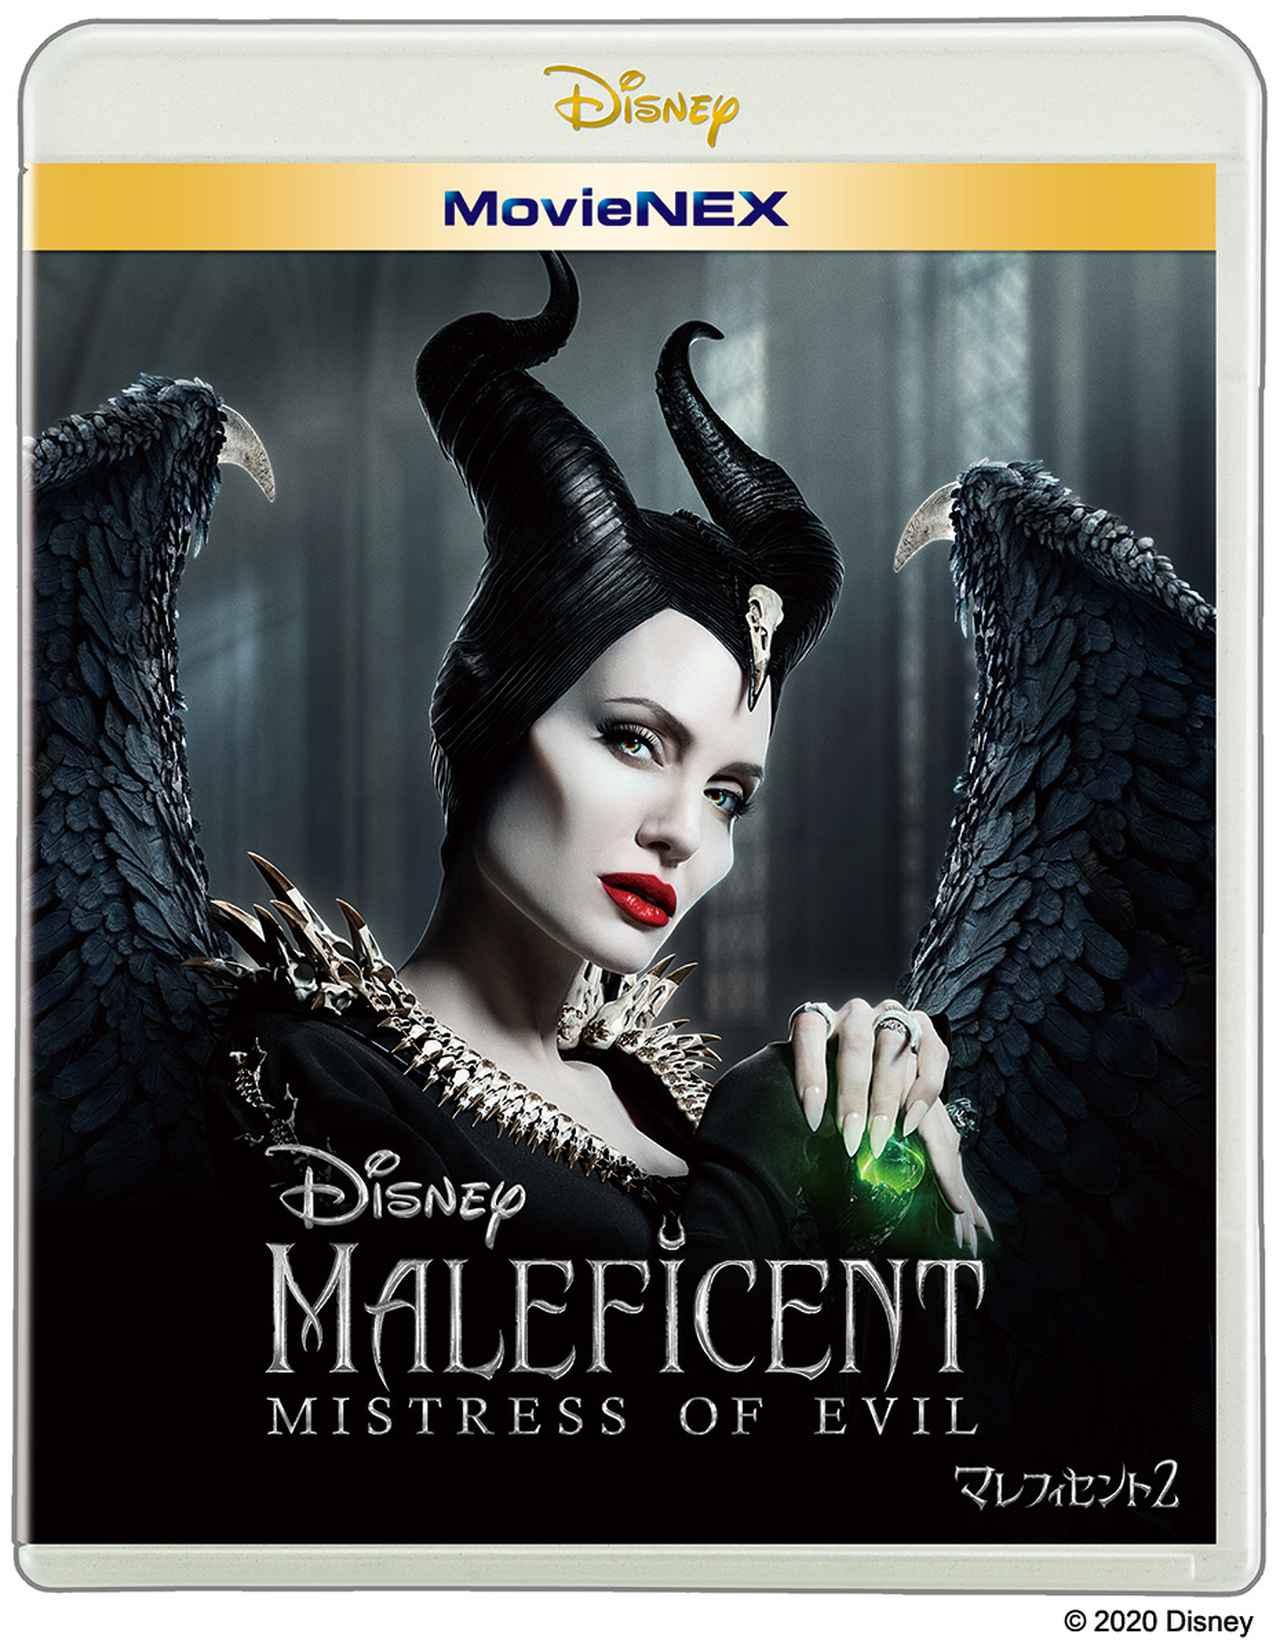 画像: 『マレフィセント2 MovieNEX』発売中!アンジーの生き方が重なるマレフィセントの奥深い美の世界